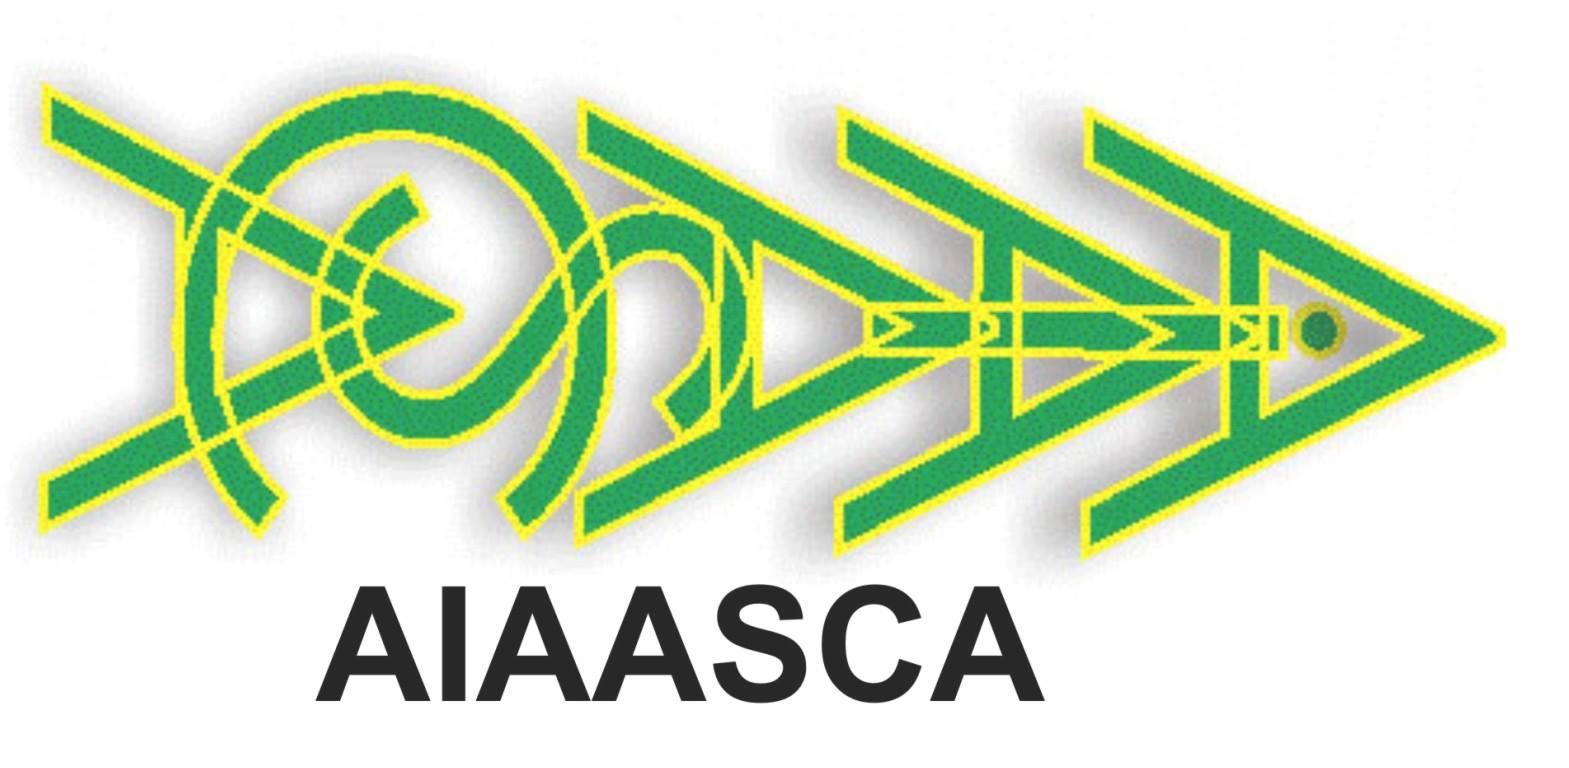 AIAASCA